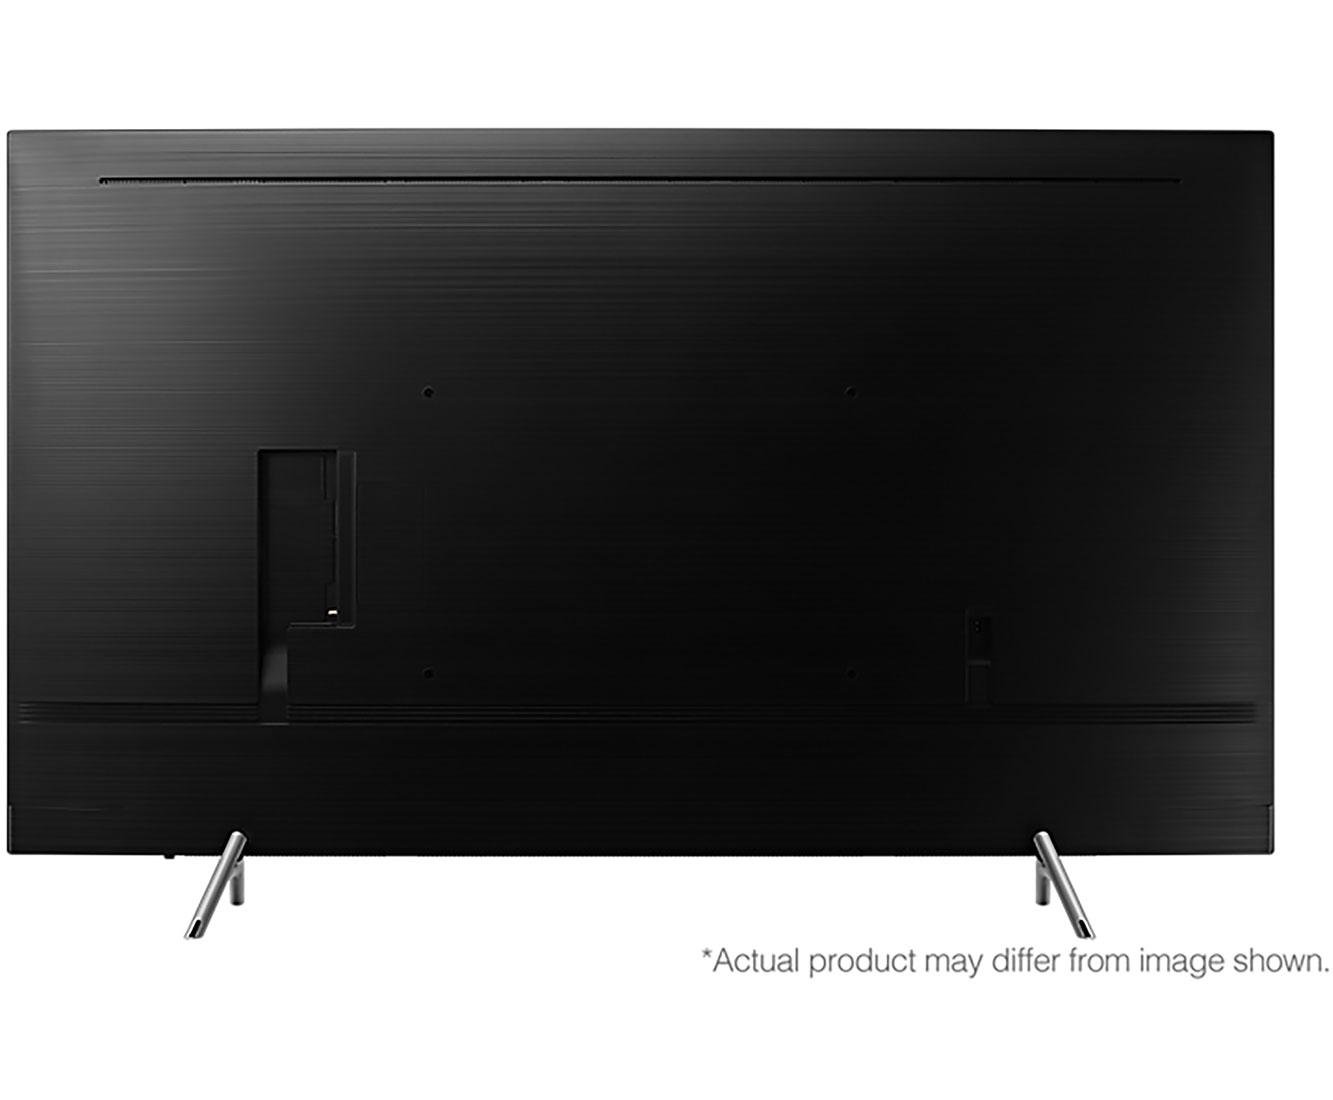 samsung ue82nu8009txzg 4k uhd led fernseher 207 cm 82. Black Bedroom Furniture Sets. Home Design Ideas